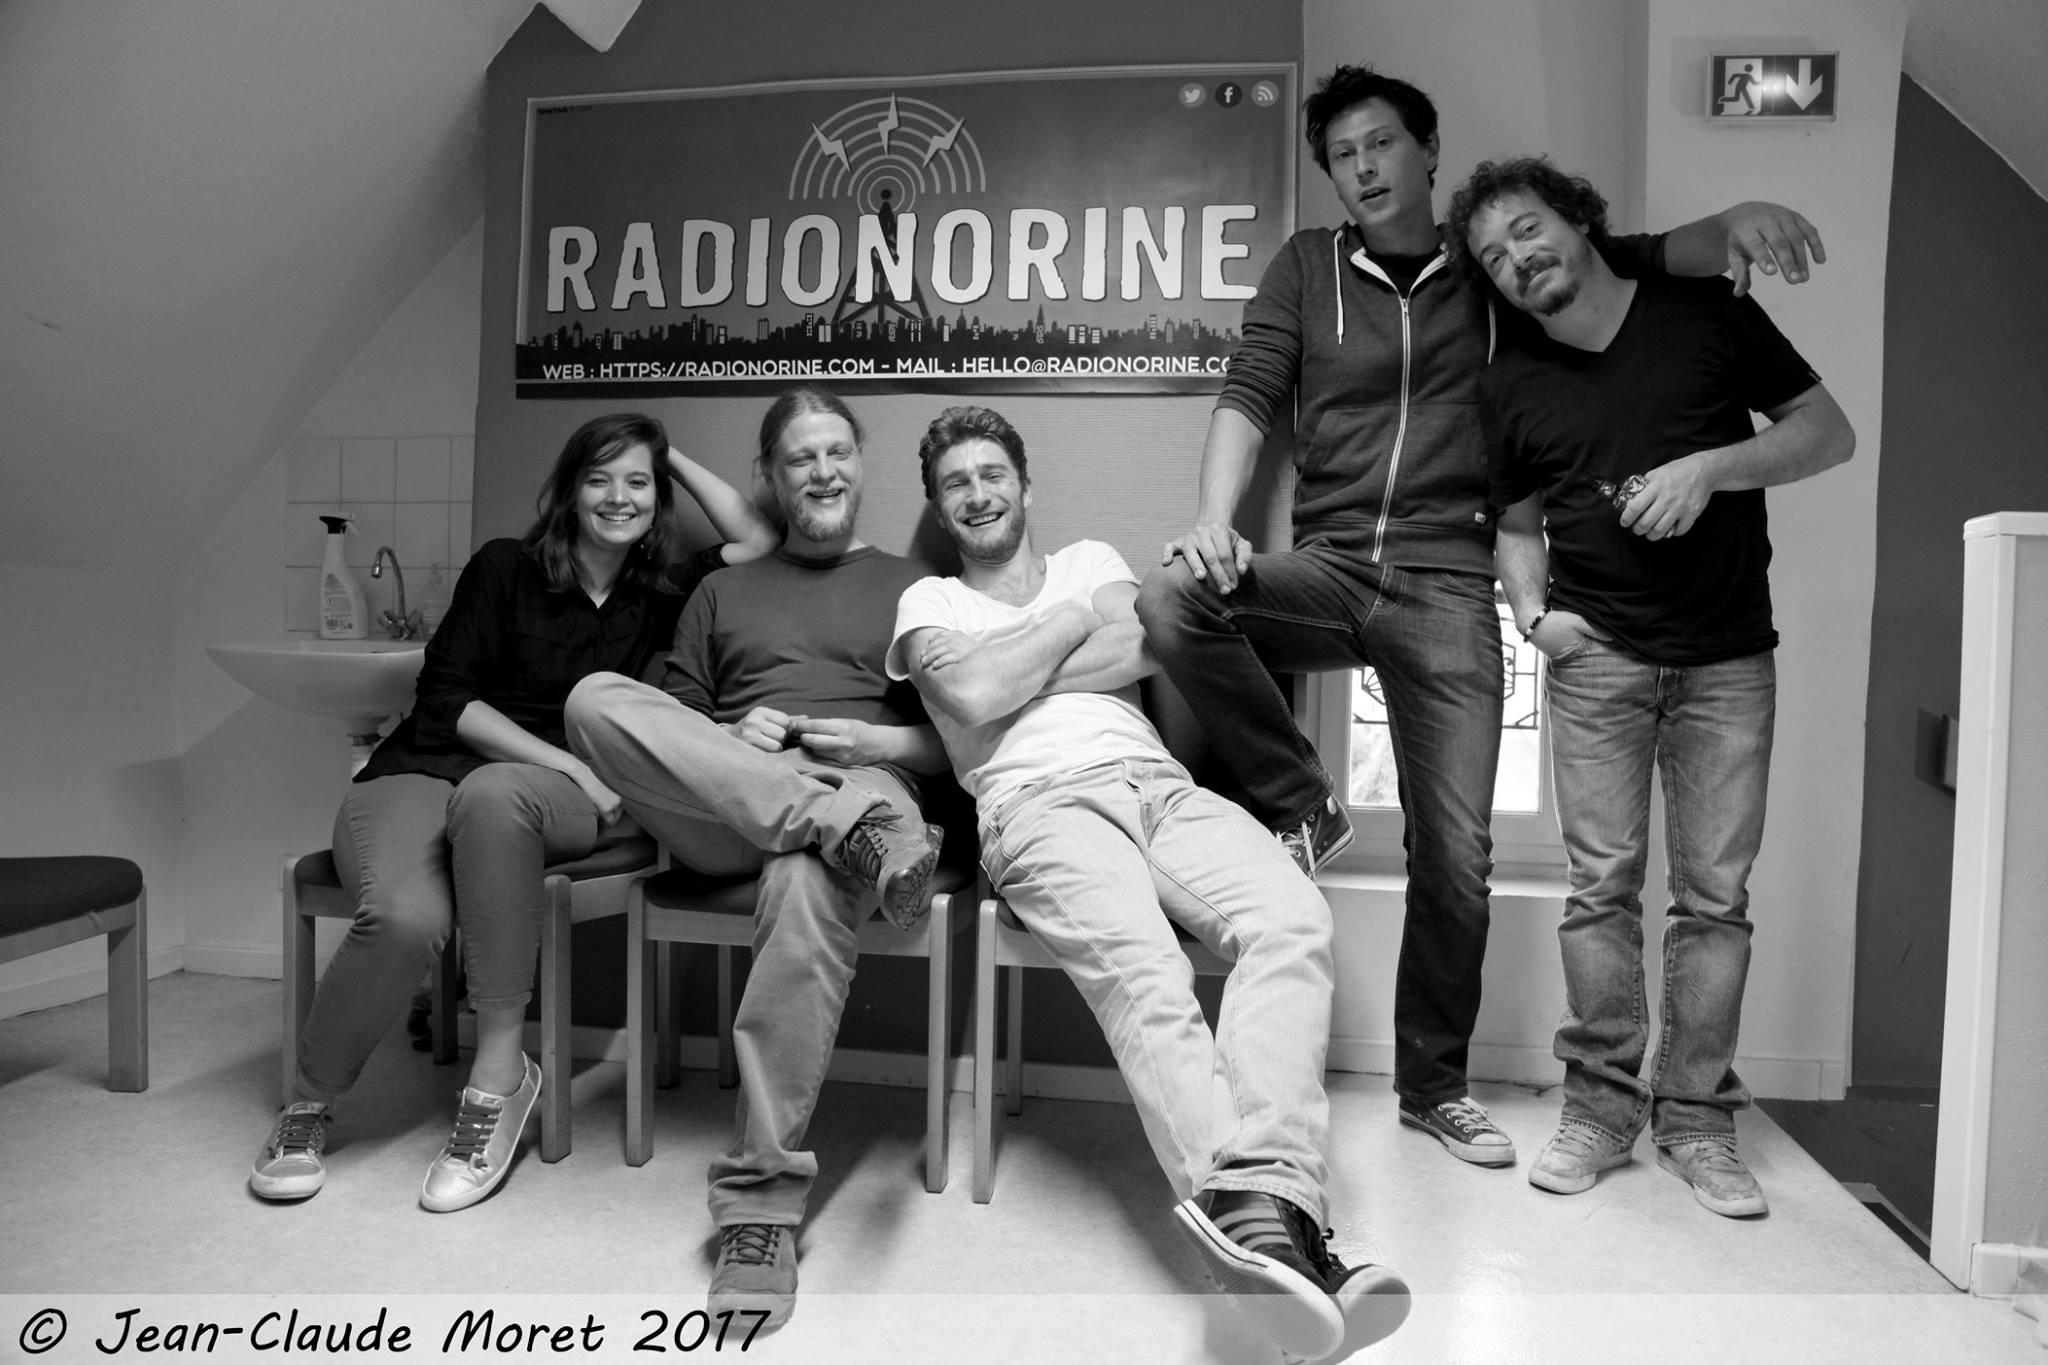 Les n'afters du dimanche avec Vidabreve - Radionorine